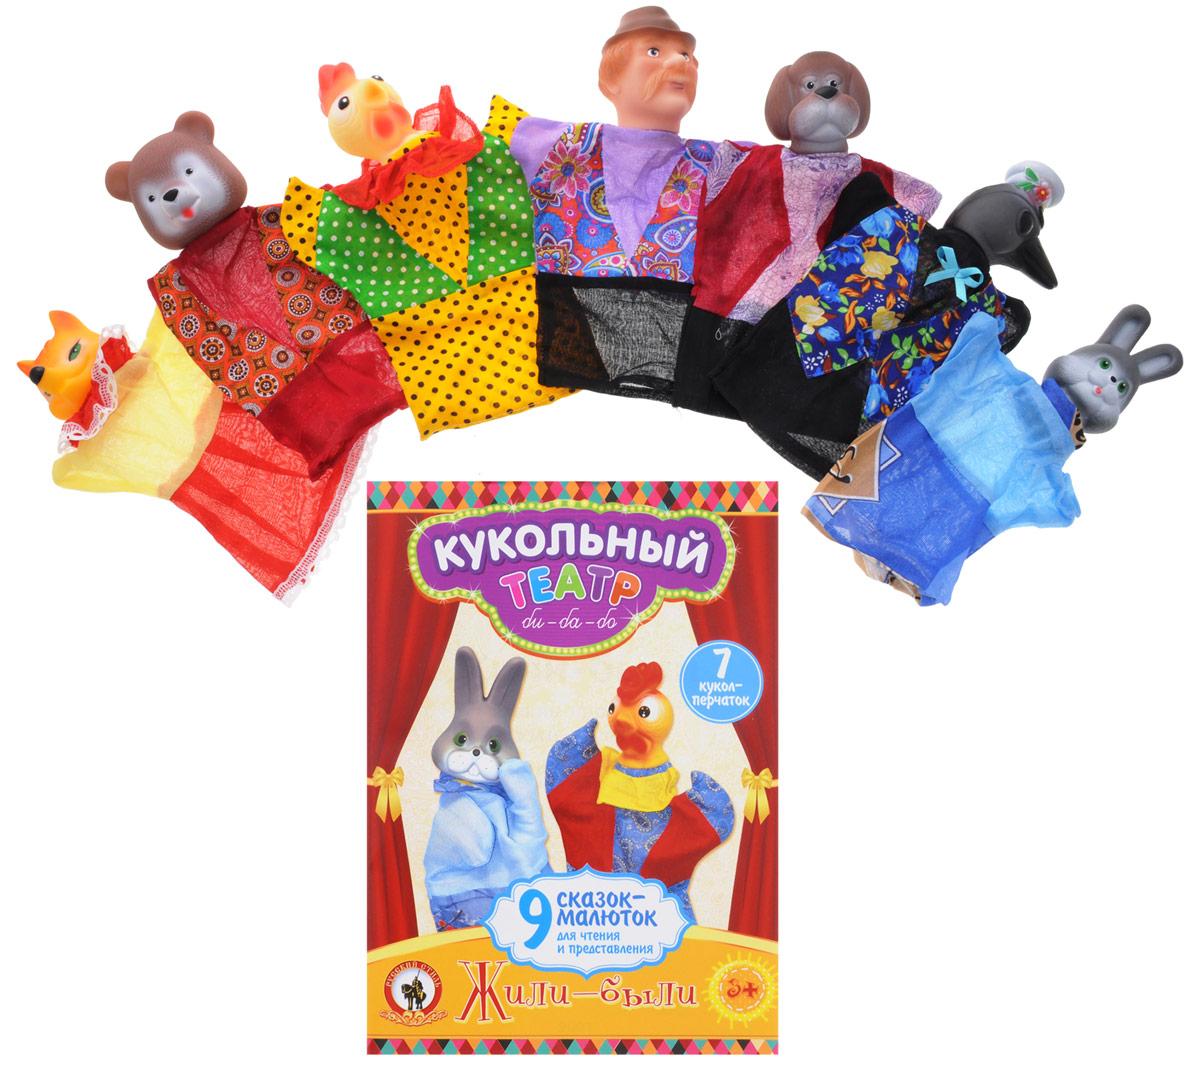 Русский стиль Кукольный театр Жили - были11218Если вы хотите устроить праздник для своего малыша и его друзей, оживив героев всем известных и всеми любимых русских народных сказок, то все, что нужно - это устроить маленькое представление. Русские народные сказки отличаются яркими, запоминающимися персонажами, актуальными и в современной жизни ситуациями, искрометным юмором и безграничной верой в добро и справедливость. Сказки-малютки можно как поставить на маленькой сцене, повесив шторку в дверном проеме, так и просто прочитать сказку малышам, сопровождая чтение движением кукол. Это не требует ни большой подготовки, ни репетиций и подойдет даже тем, кто еще не успел всерьез увлечься домашним кукольным театром. Сказки: Лиса и Журавль, Пес и Лиса, Лиса и кувшин, Лиса-повитуха, Вершки и корешки, Мужик и Заяц, Как Лиса училась летать, Медведь и Лиса, Лиса и Петух.